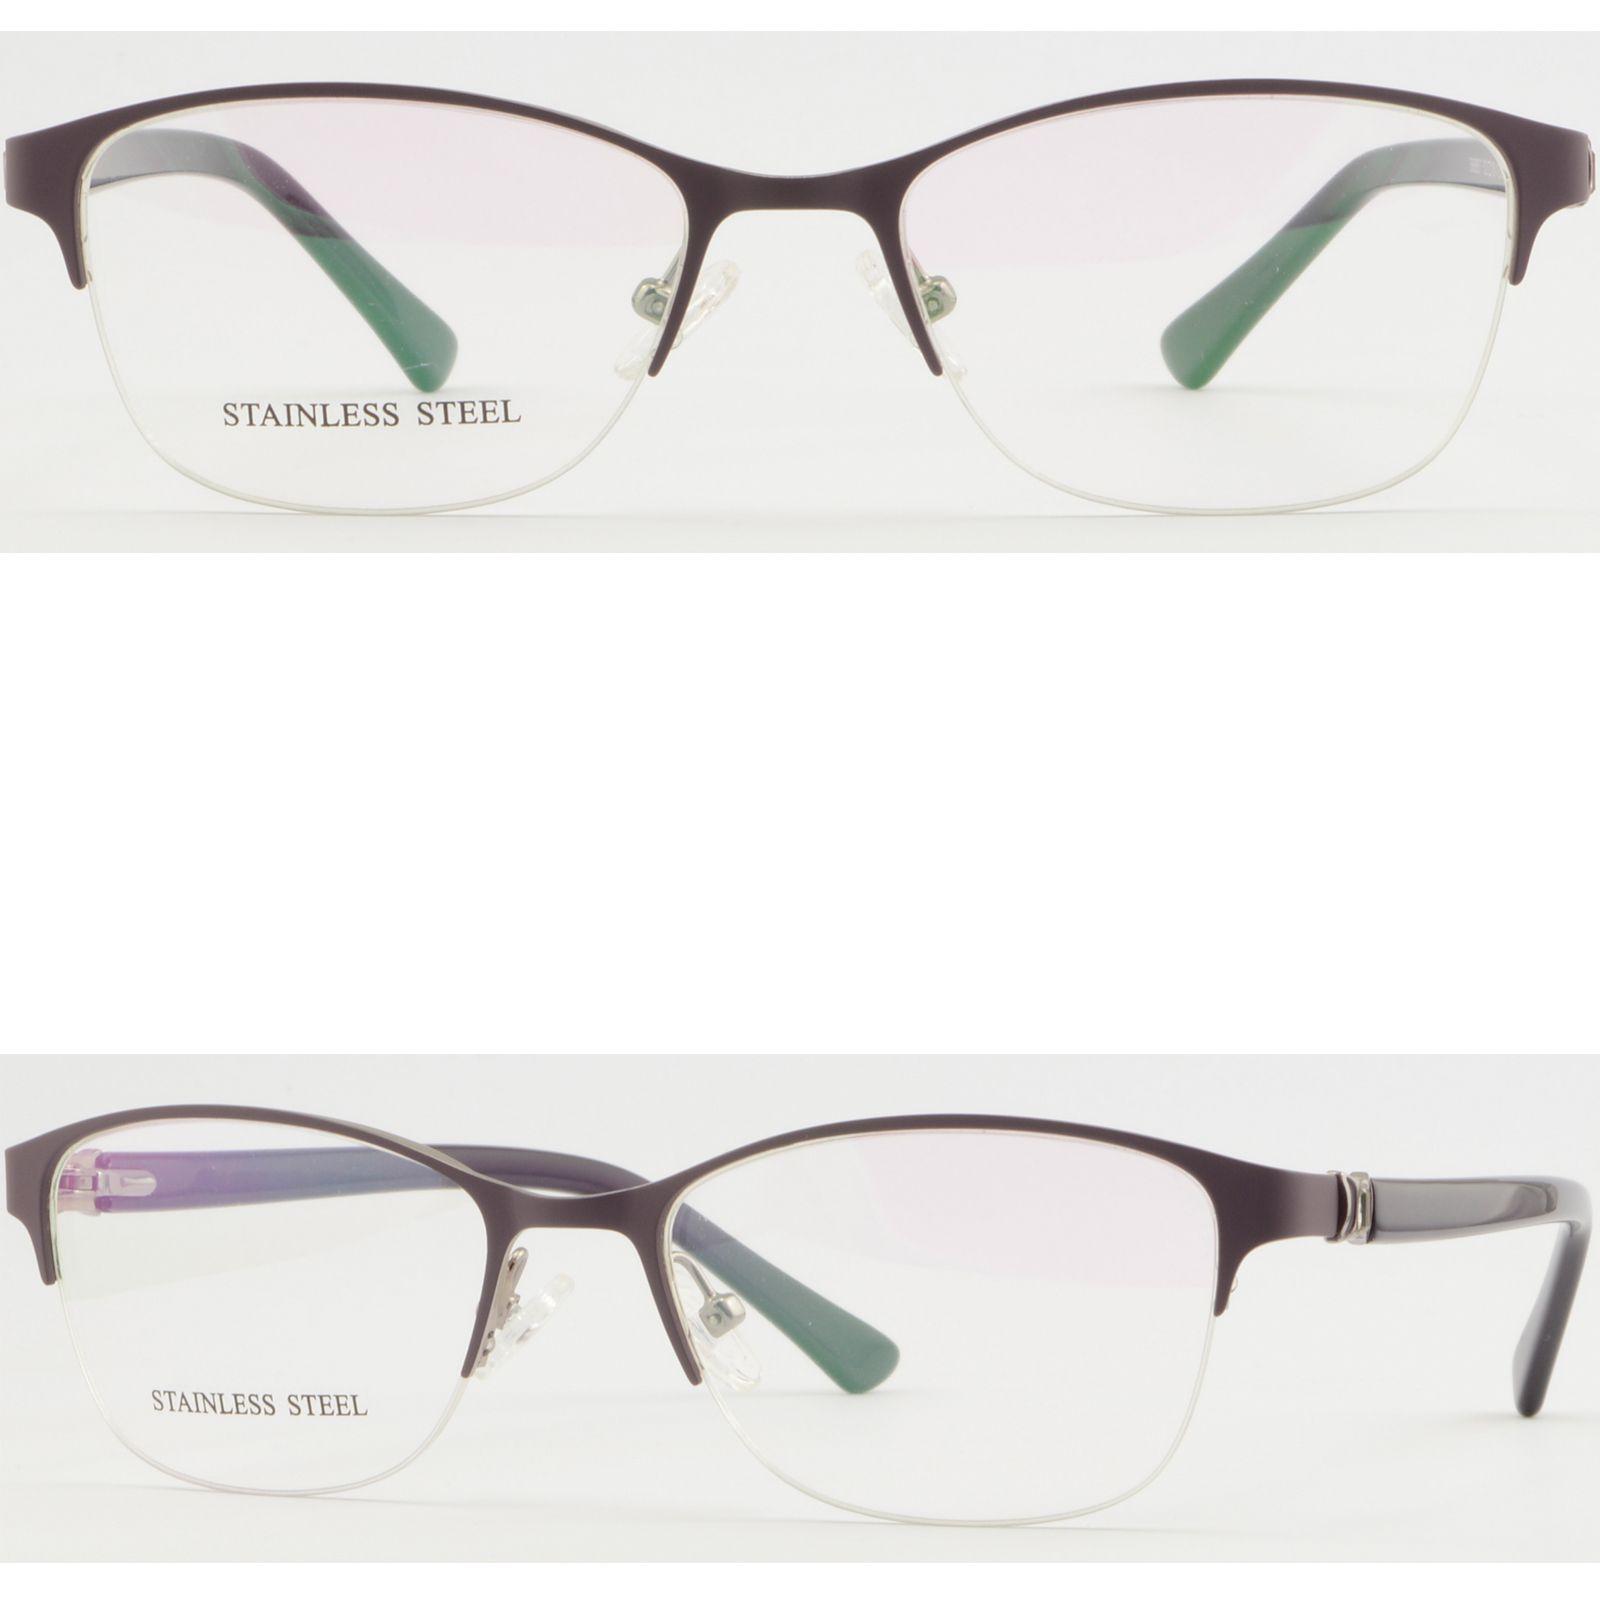 4c77380ff552 Half Rim Womens Metal Frame Purple Prescription Glasses Eyeglasses Spring  Hinges Small Eyeglass Frames Sunglasses Frame From Aceglasses